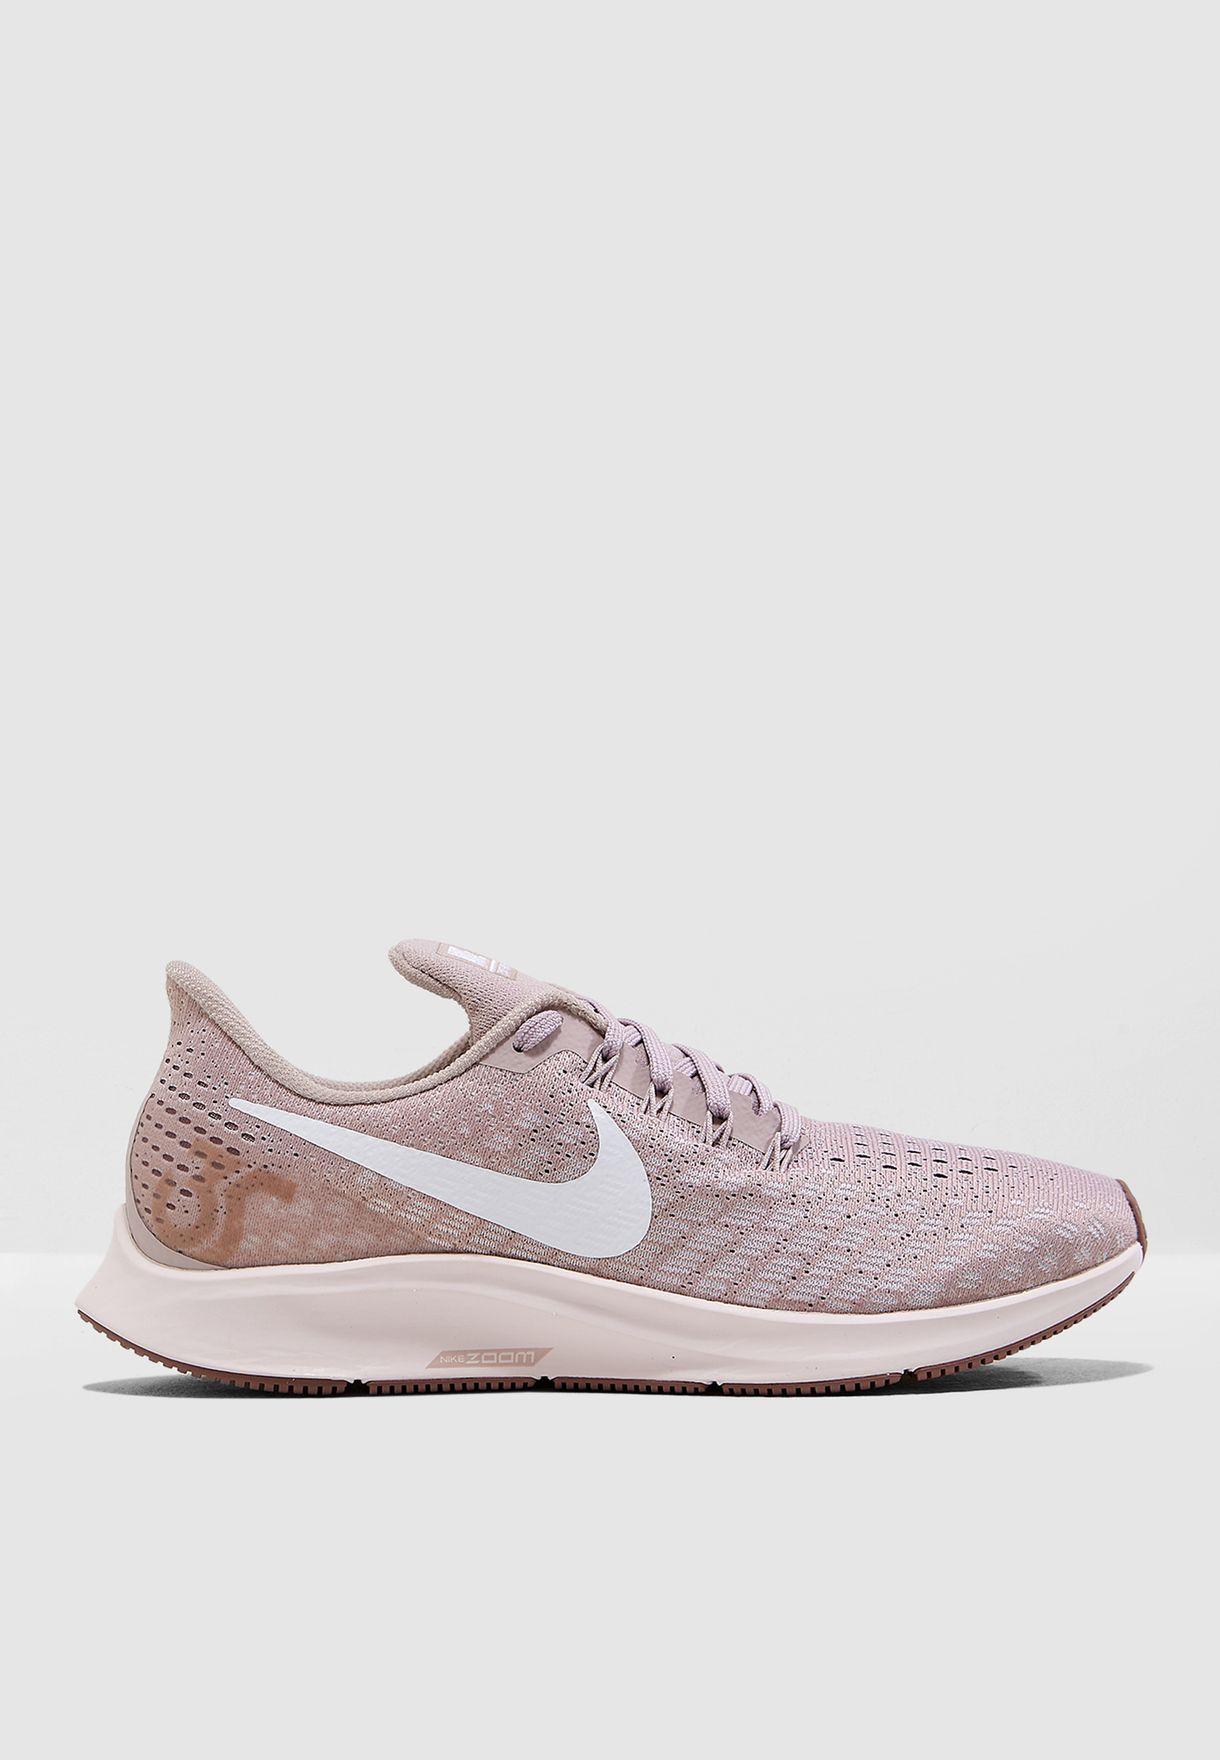 144c167450d87 Shop Nike purple Air Zoom Pegasus 35 942855-605 for Women in Saudi ...